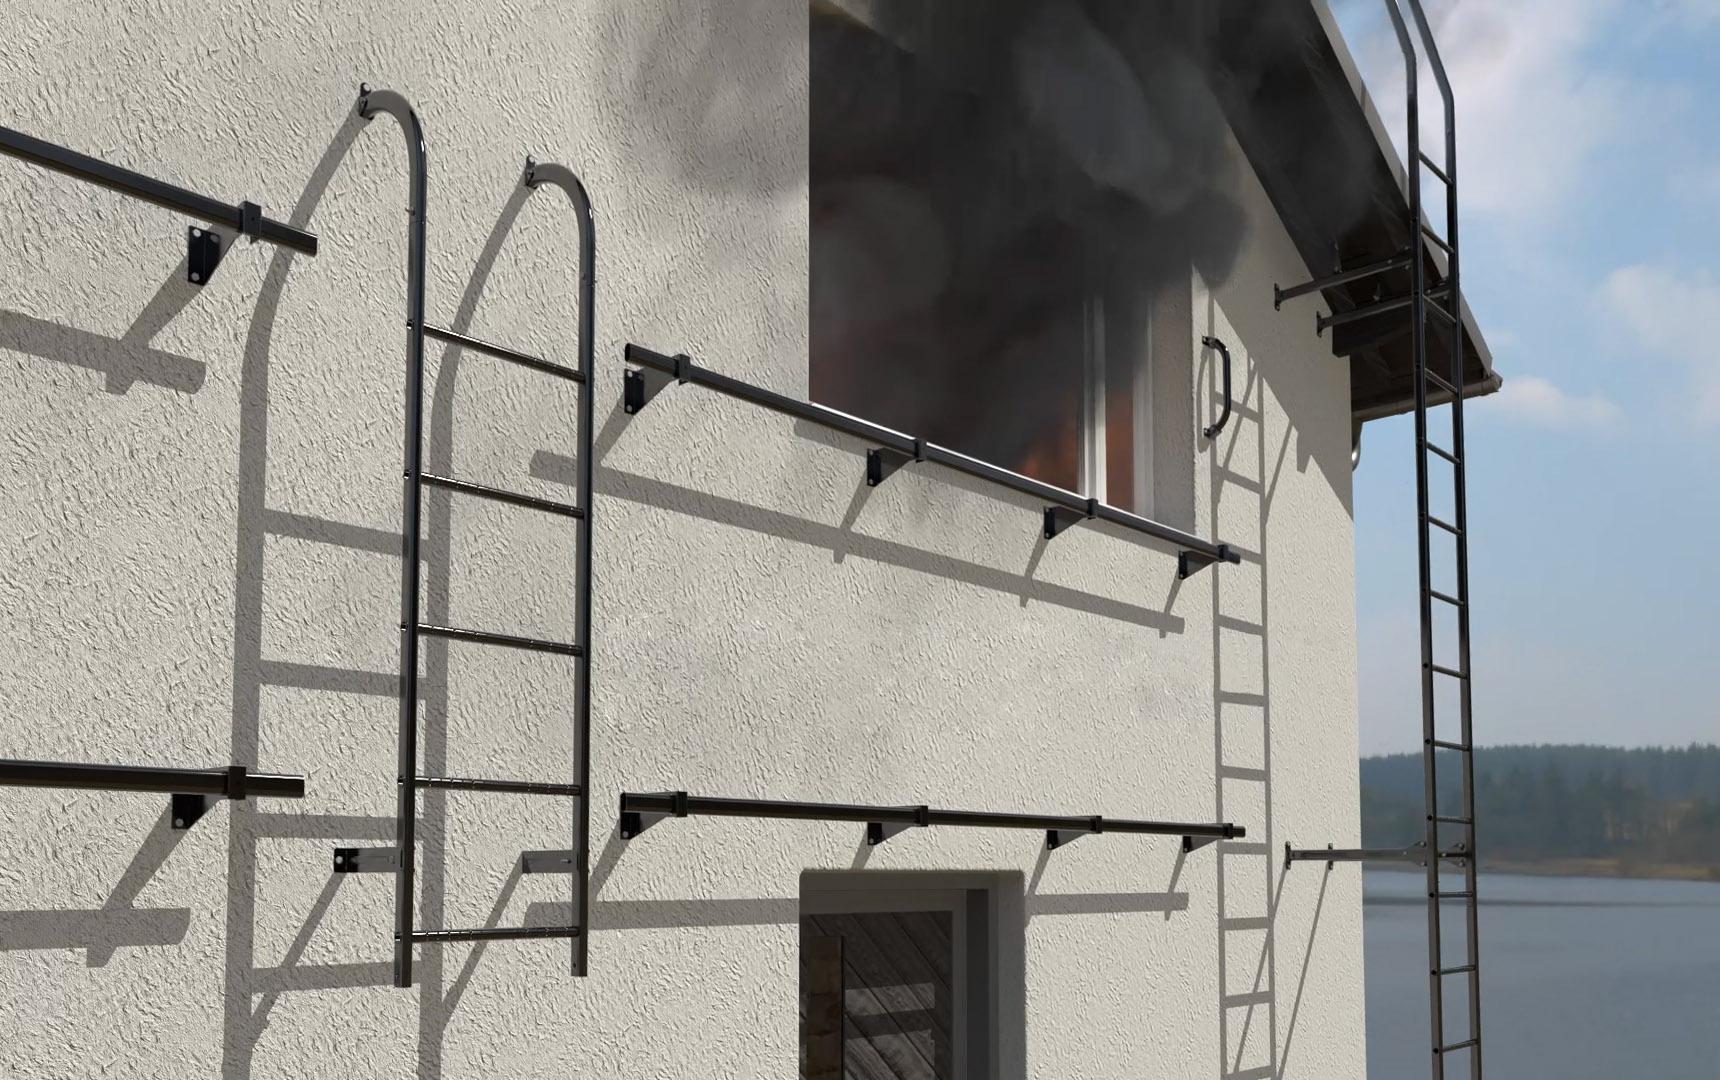 Palotikkaan avulla voidaan rakennuksesta poistua turvallisesti tulipalon sattuessa.